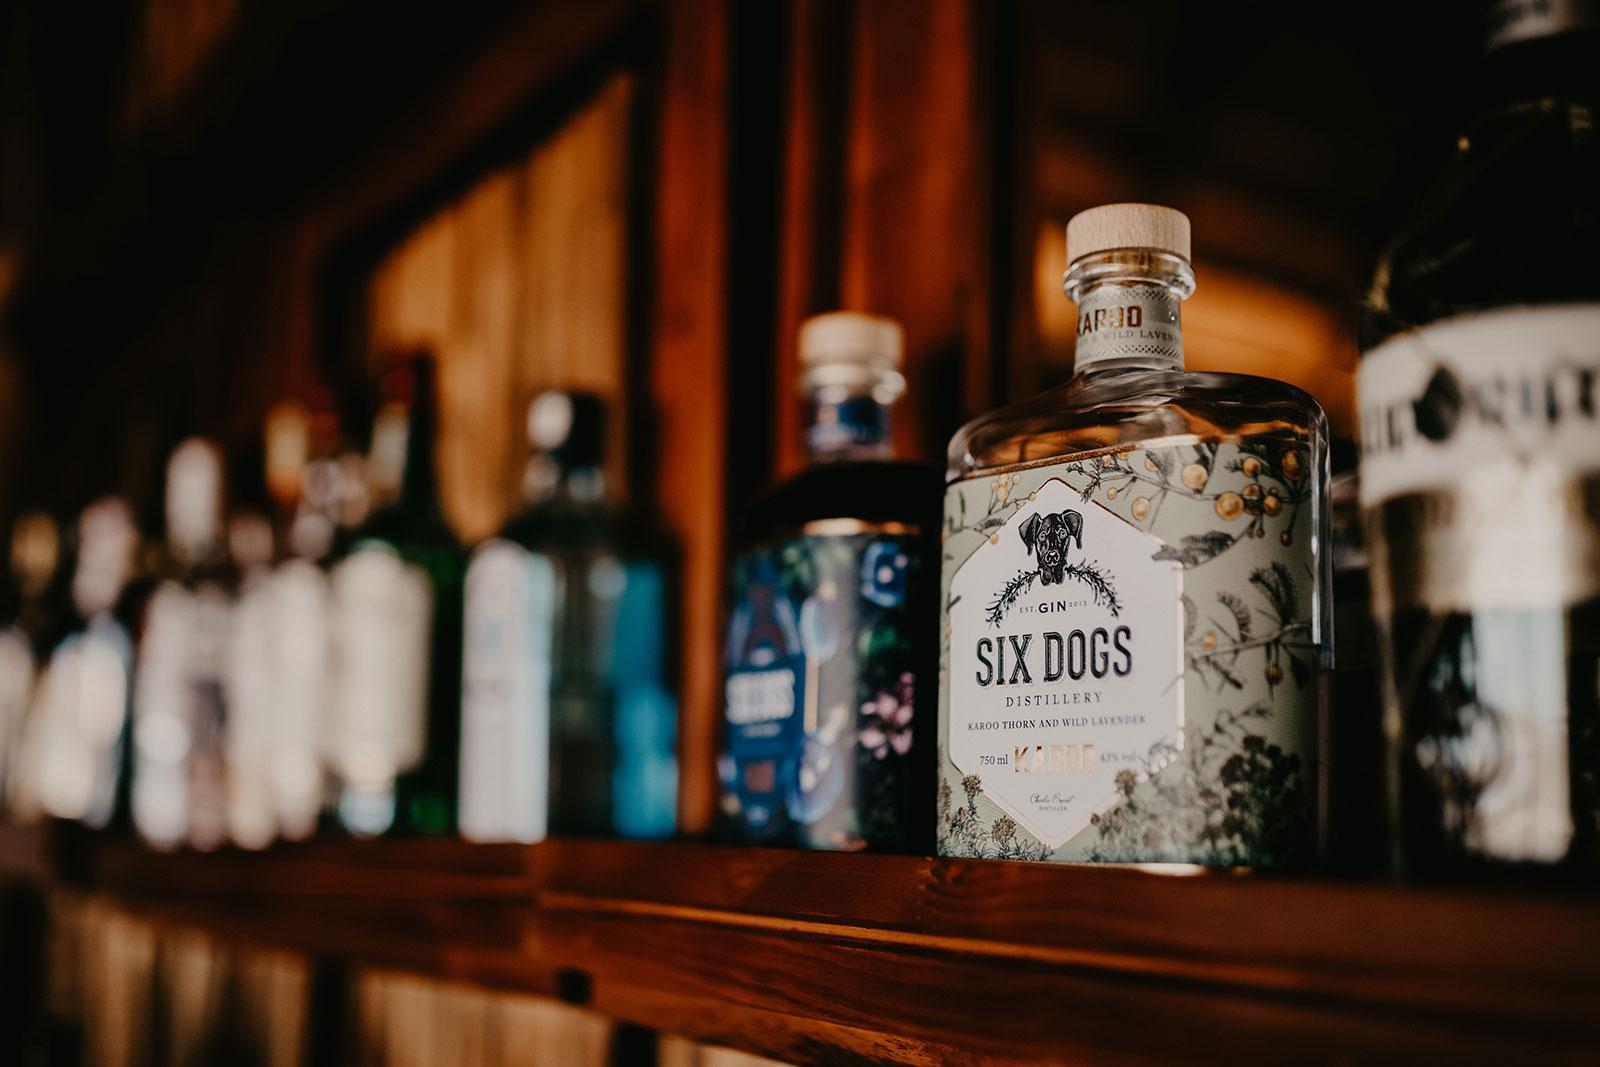 nThambo Six Dogs Gin